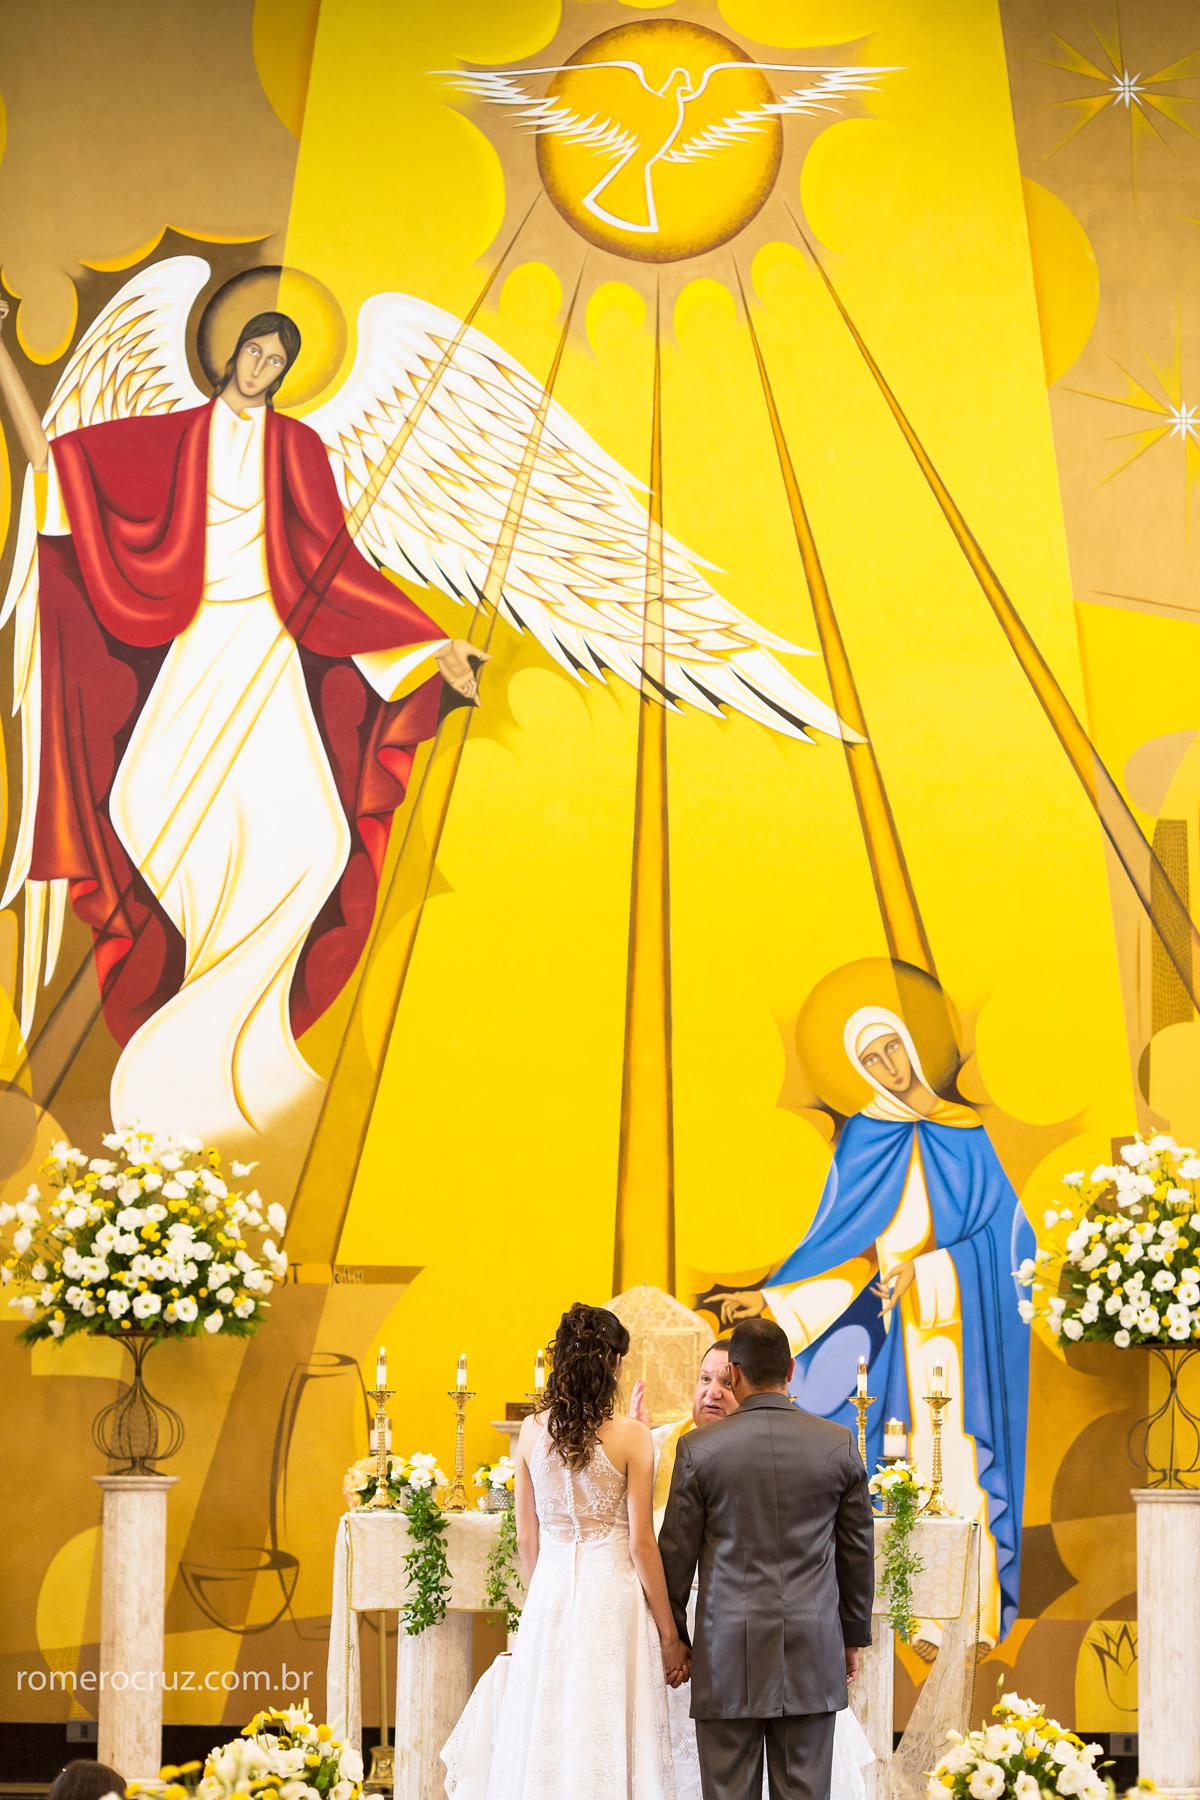 Casamento dos noivos Amanda e Robson na Igreja Verbo Divino em São Paulo-SP fotografado pelo fotógrafo Romero Cruz